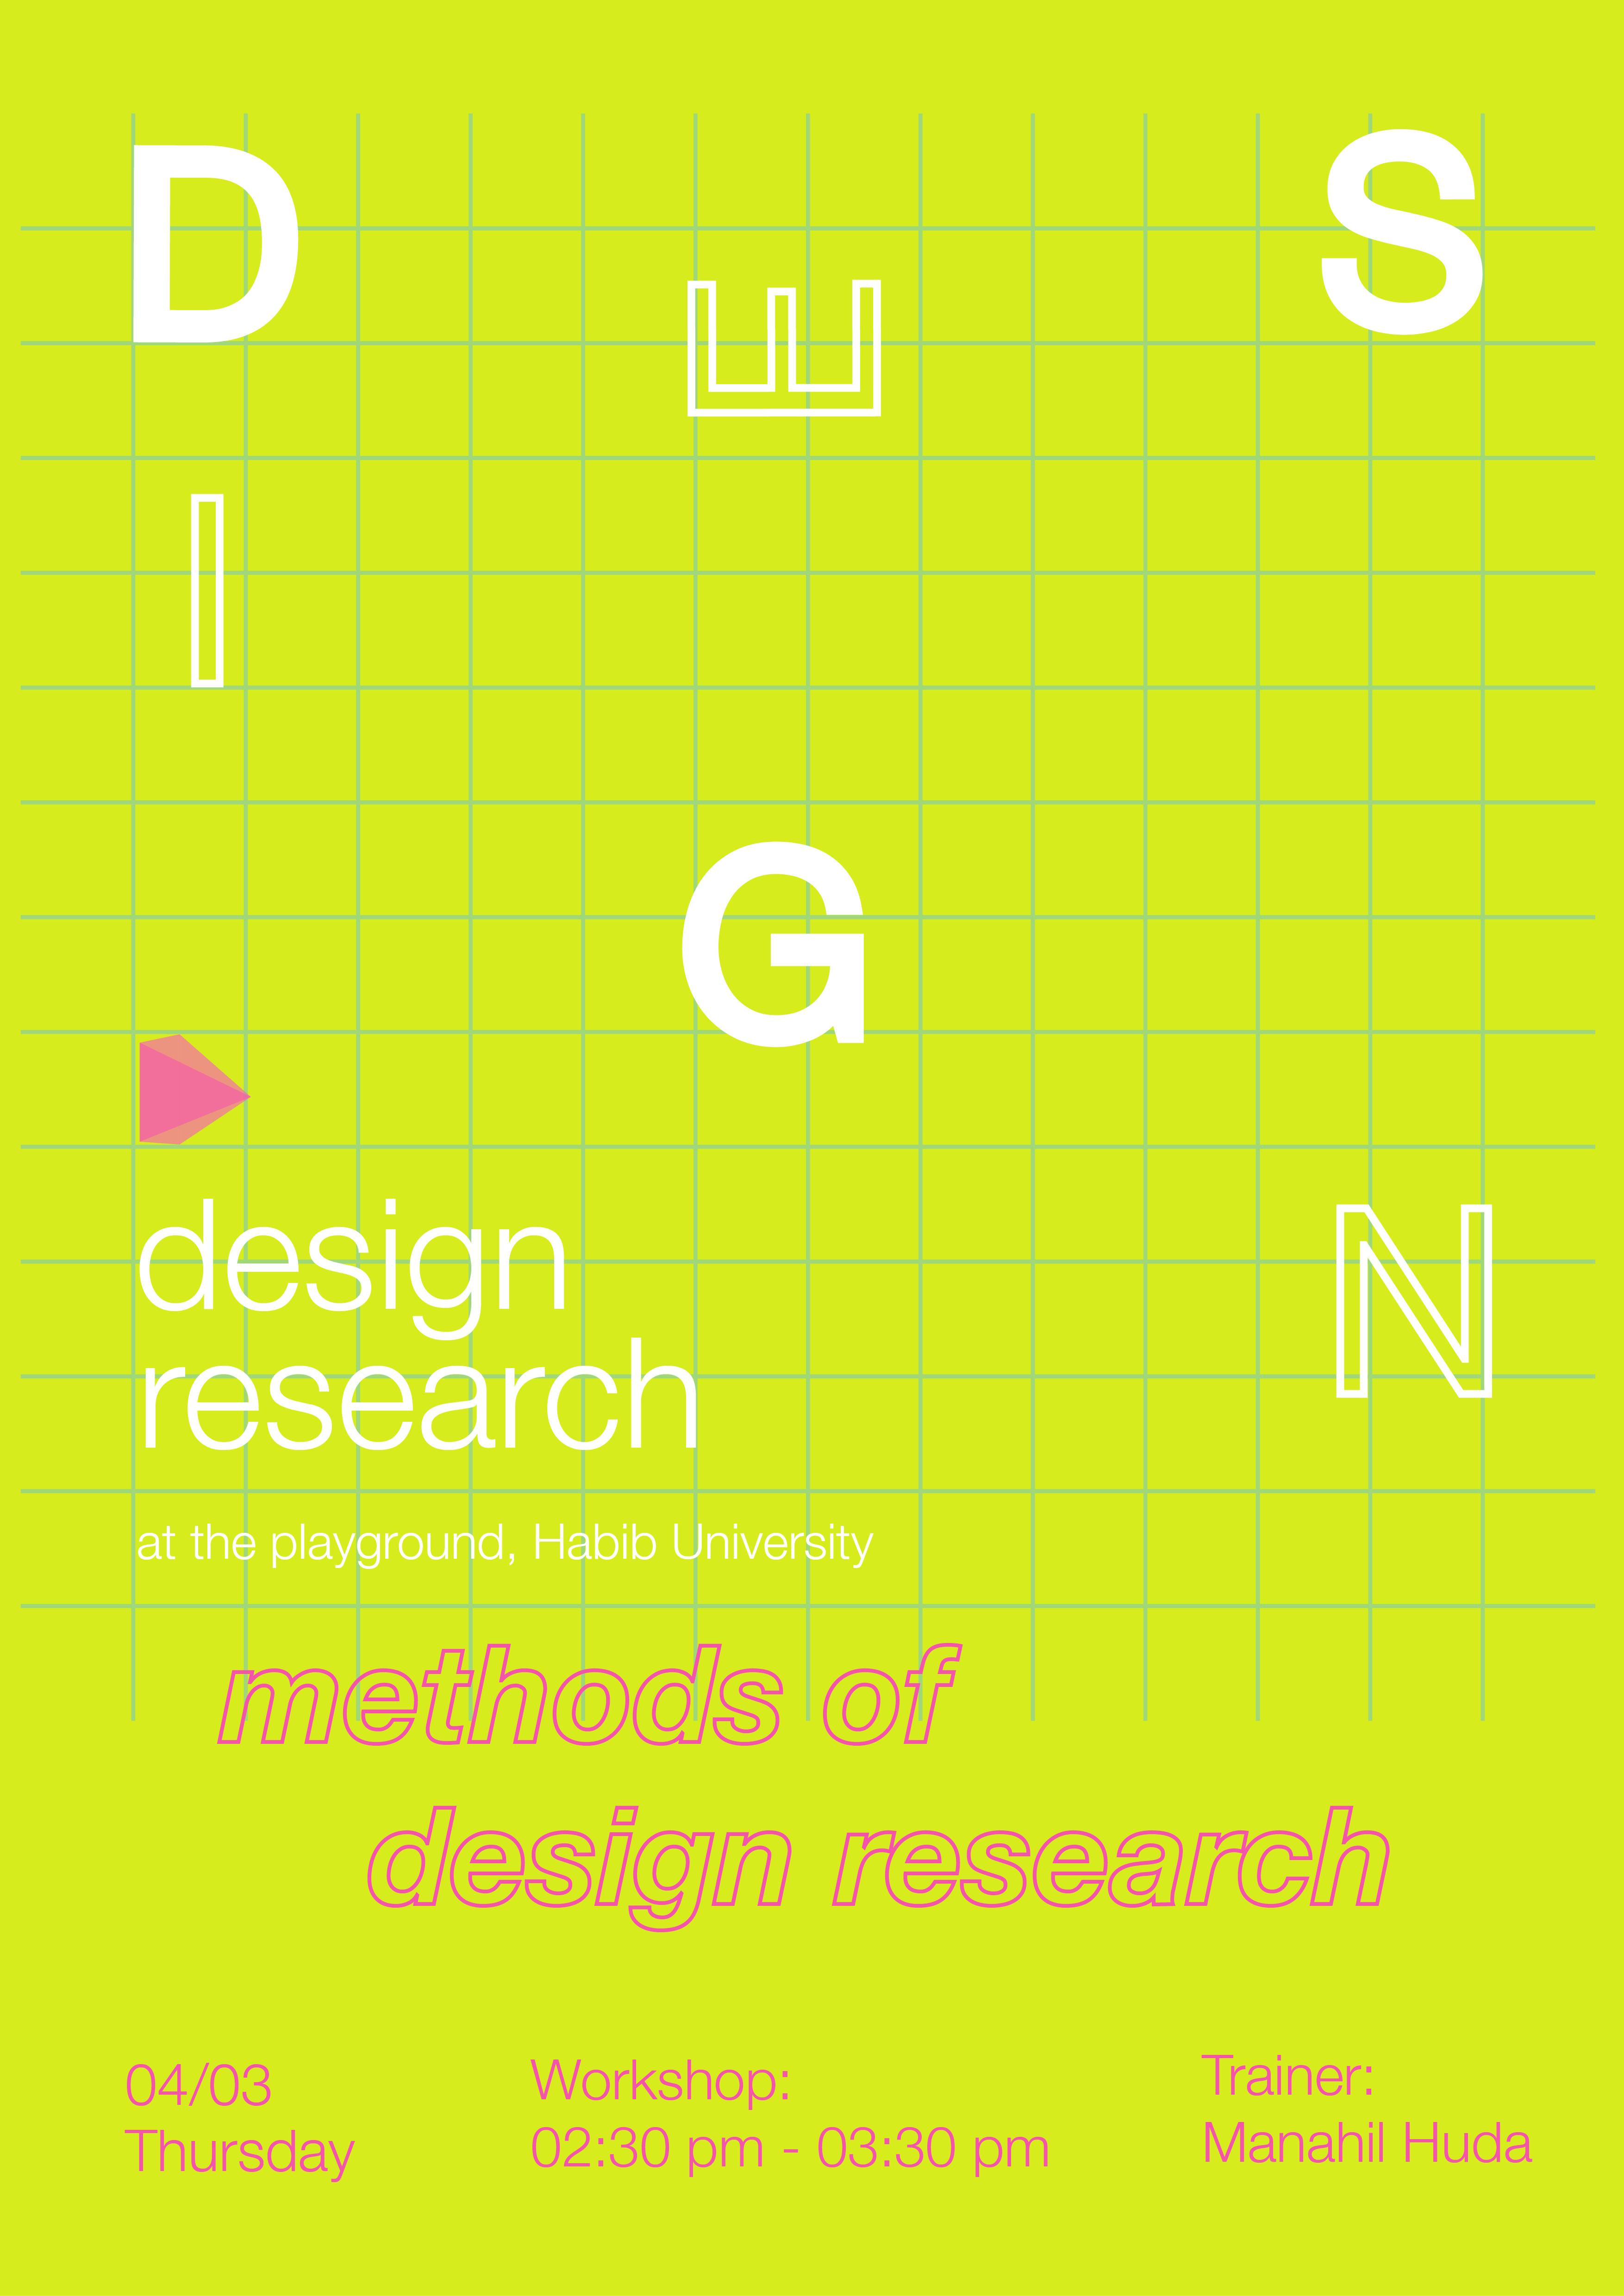 Workshop on Design Research Methods